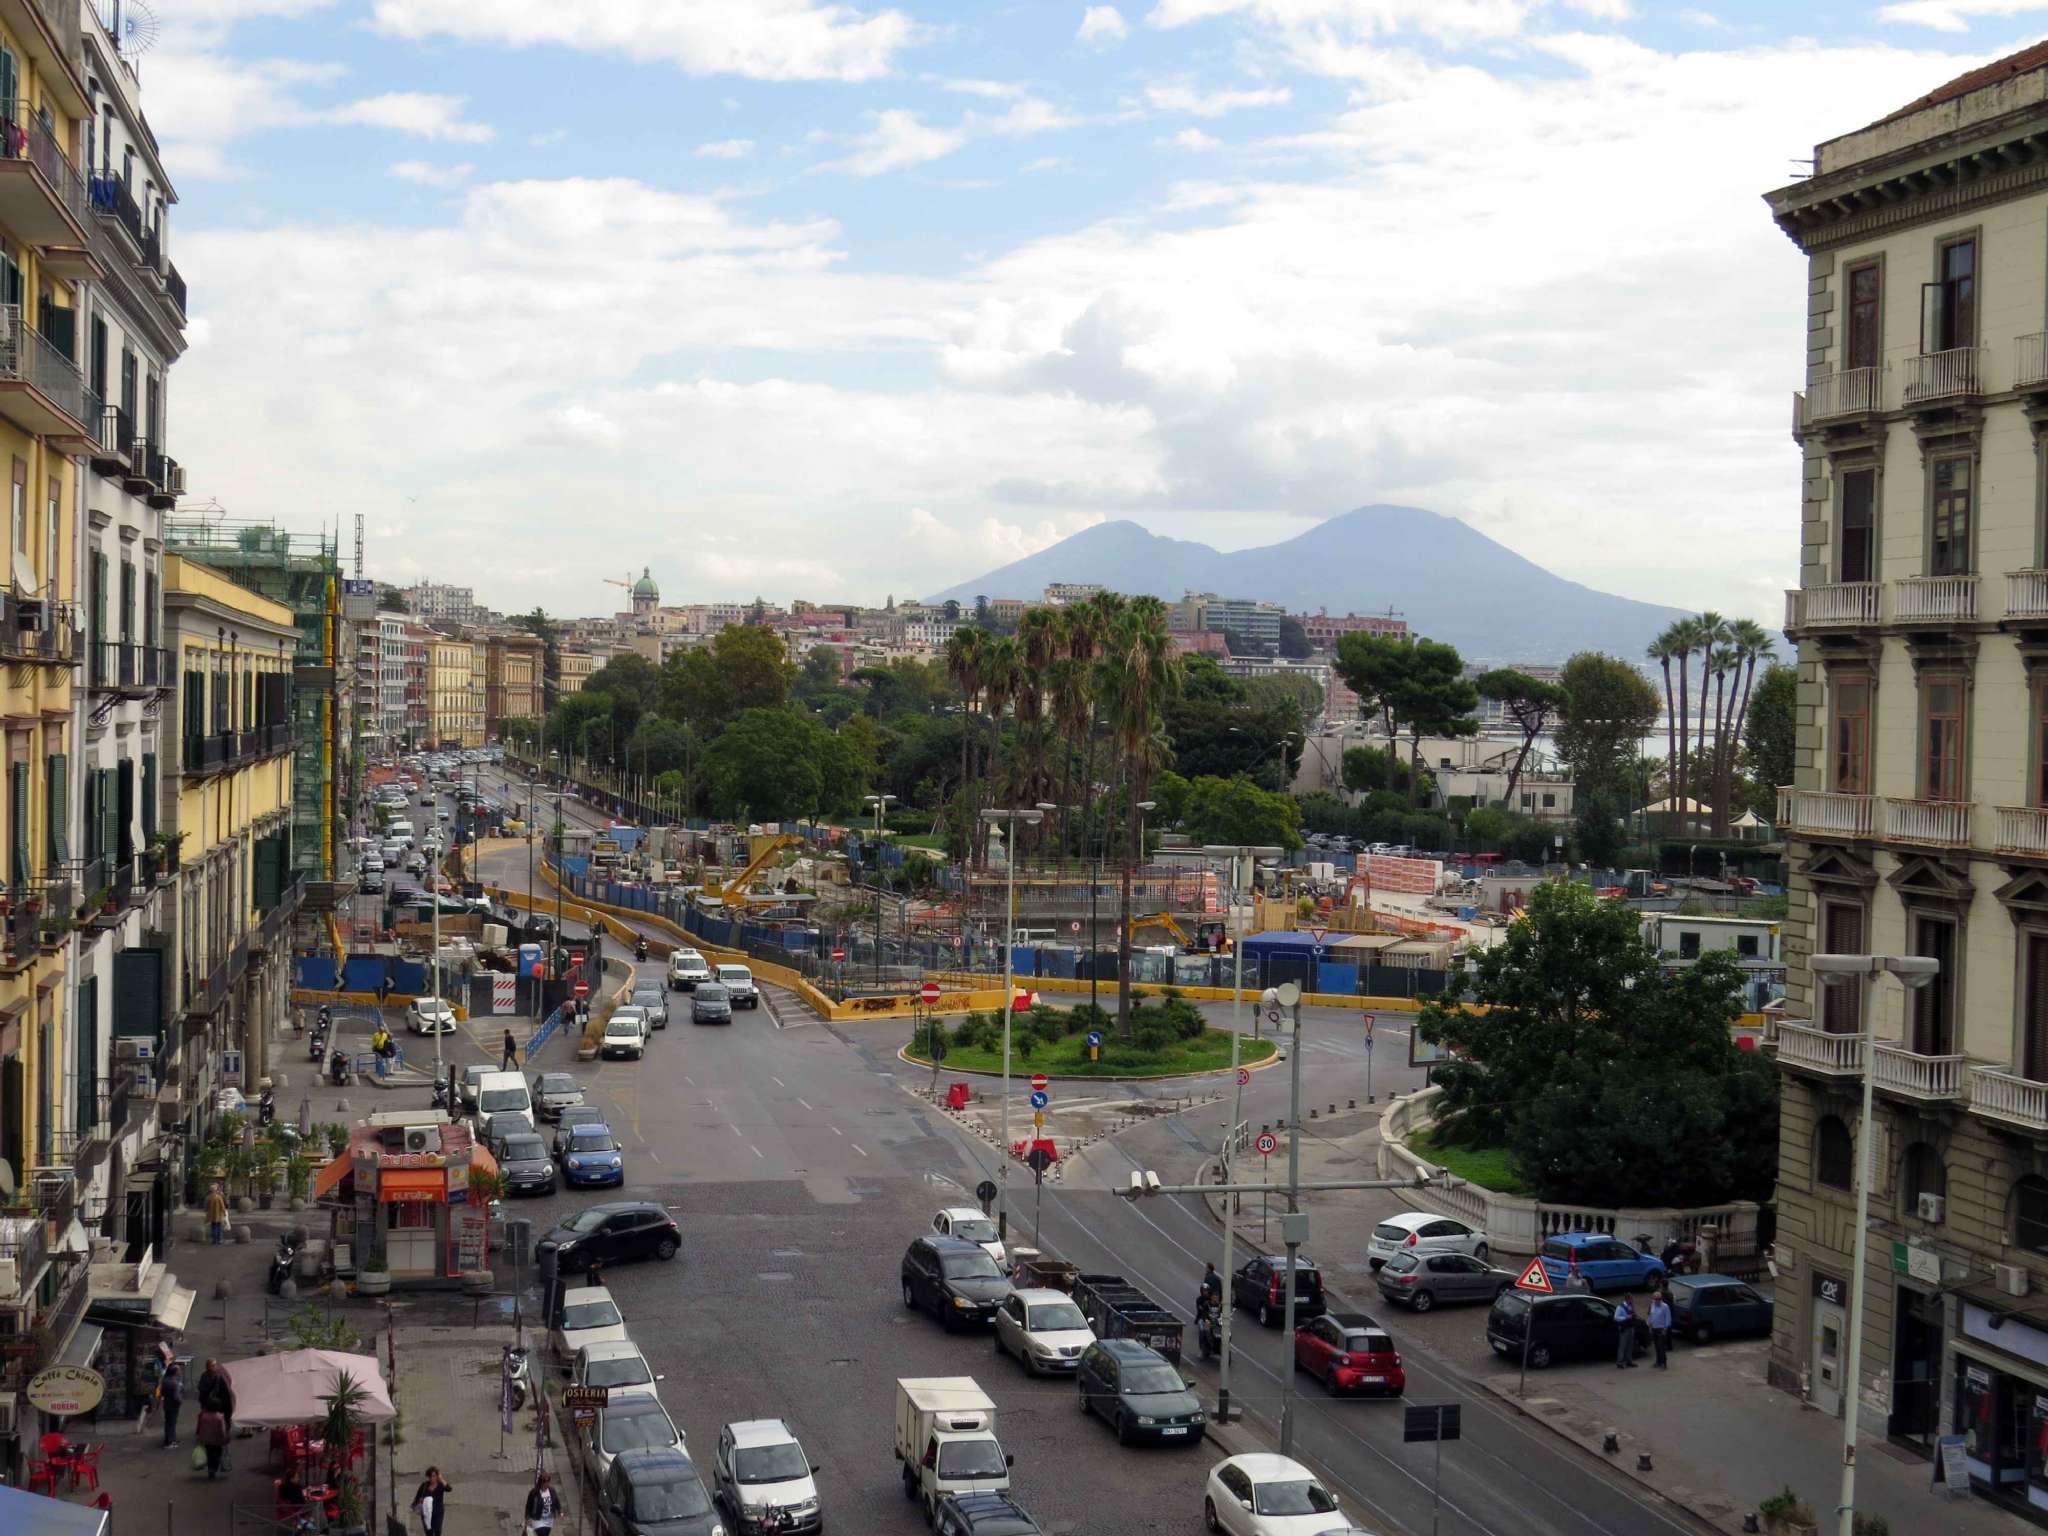 Appartamento in affitto a Napoli, 5 locali, zona Zona: 1 . Chiaia, Posillipo, San Ferdinando, prezzo € 1.800 | CambioCasa.it